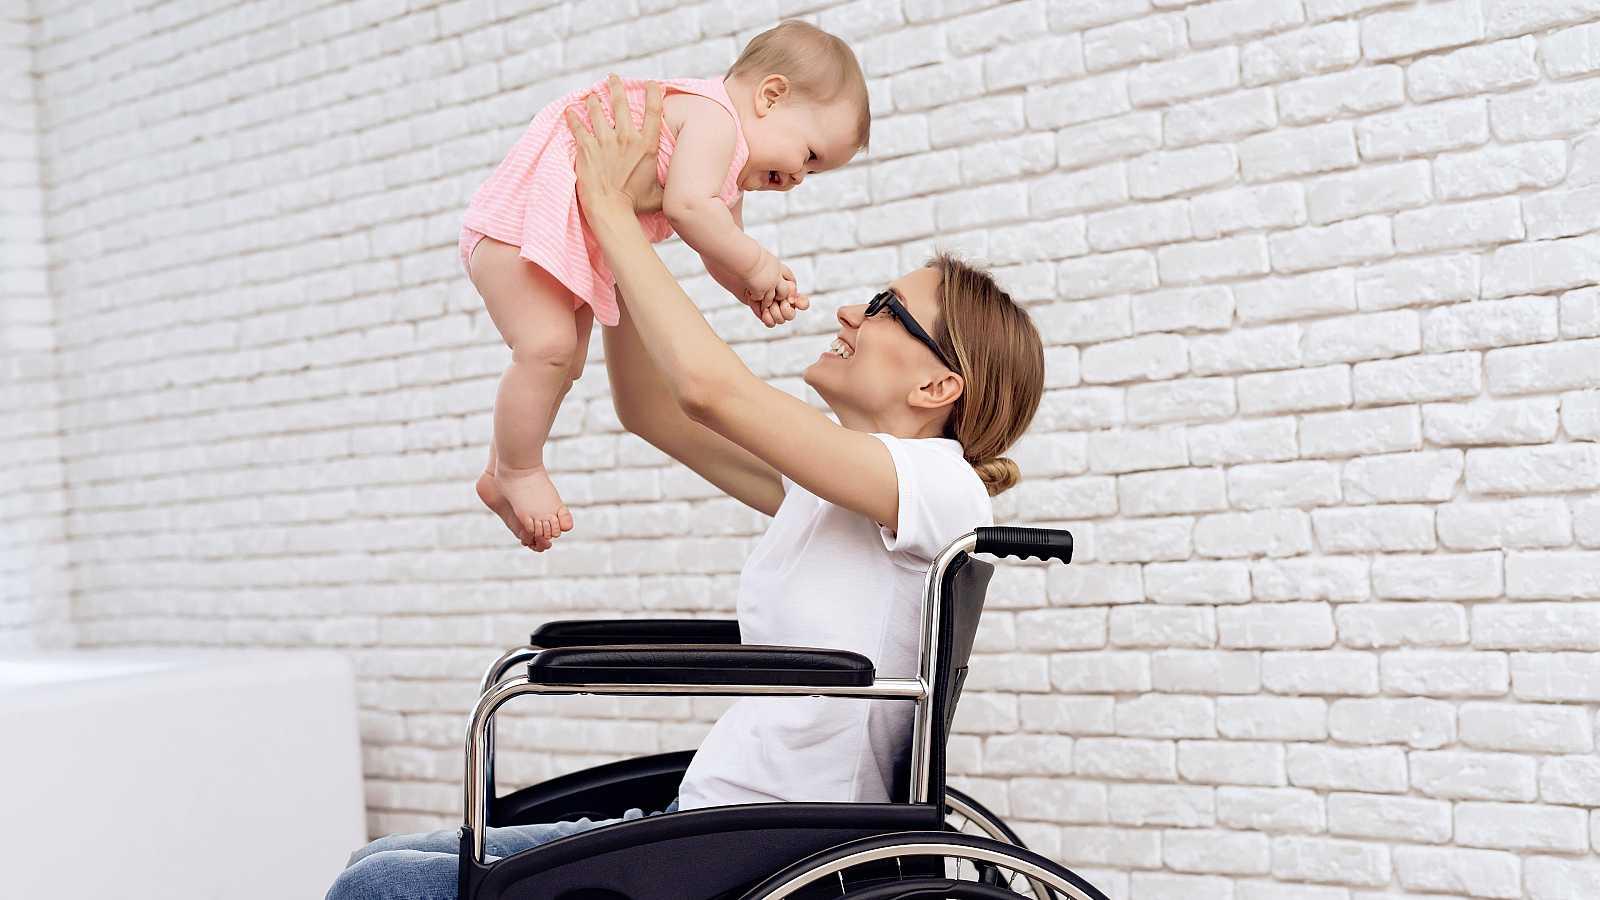 La immensa mayoría de mujeres que se quedan en silla de ruedas por una lesión medular o un accidente de tráfico pueden ser madres después de un tiempo aunque muchas ni se lo plantean. El hospital Vall d'Hebron, en Barcelona, ha puesto en funcionamien